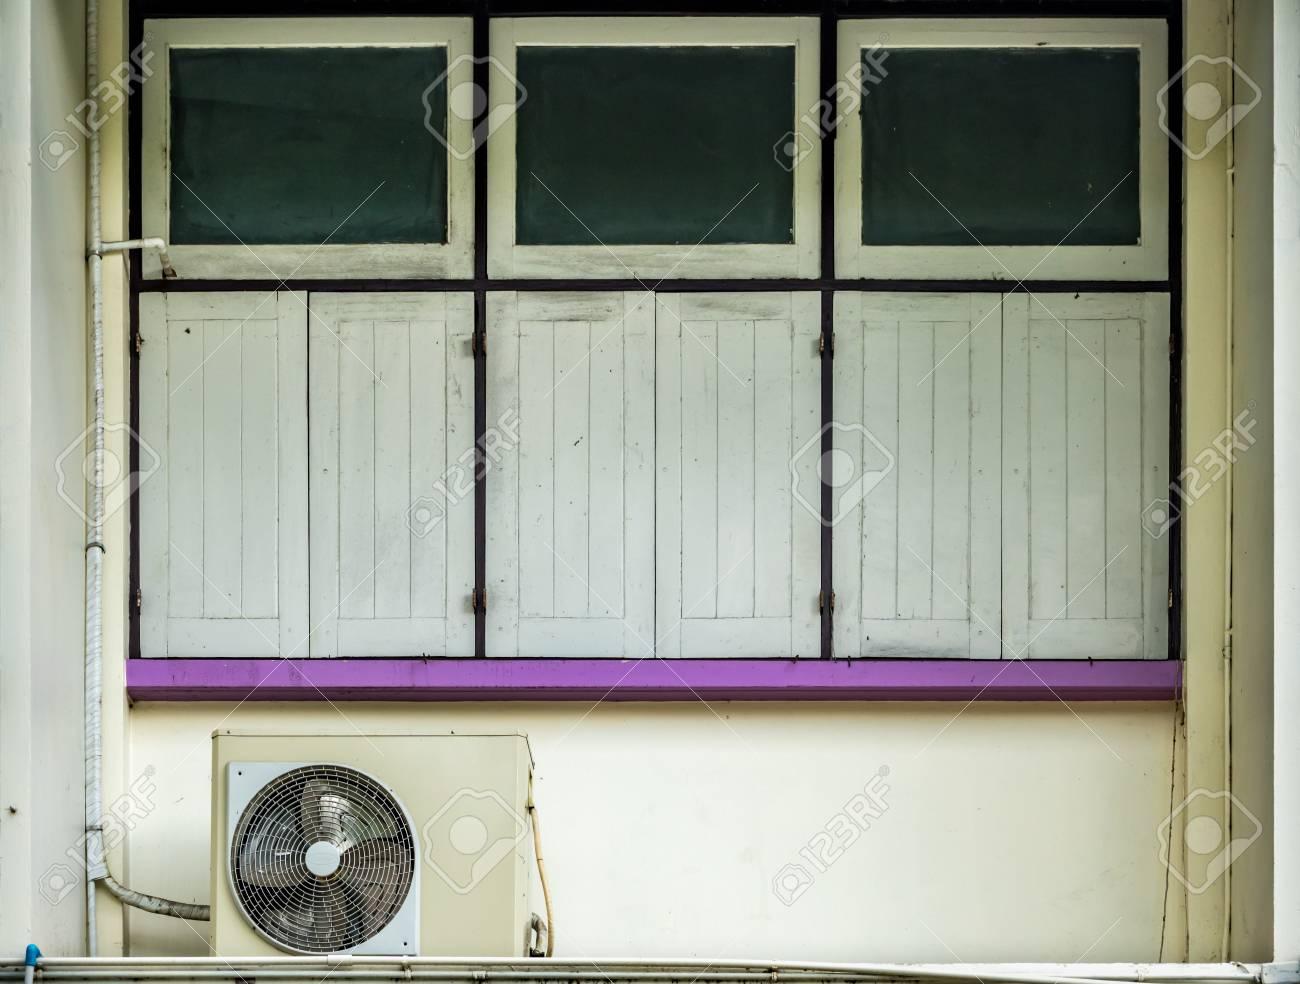 Full Size of Fenster Klimaanlage Geschlossene Auf Alten Beige Betonmauer Und Violetten Velux Preise Sonnenschutzfolie Sonnenschutz Fototapete Sicherheitsfolie Wohnzimmer Fenster Klimaanlage